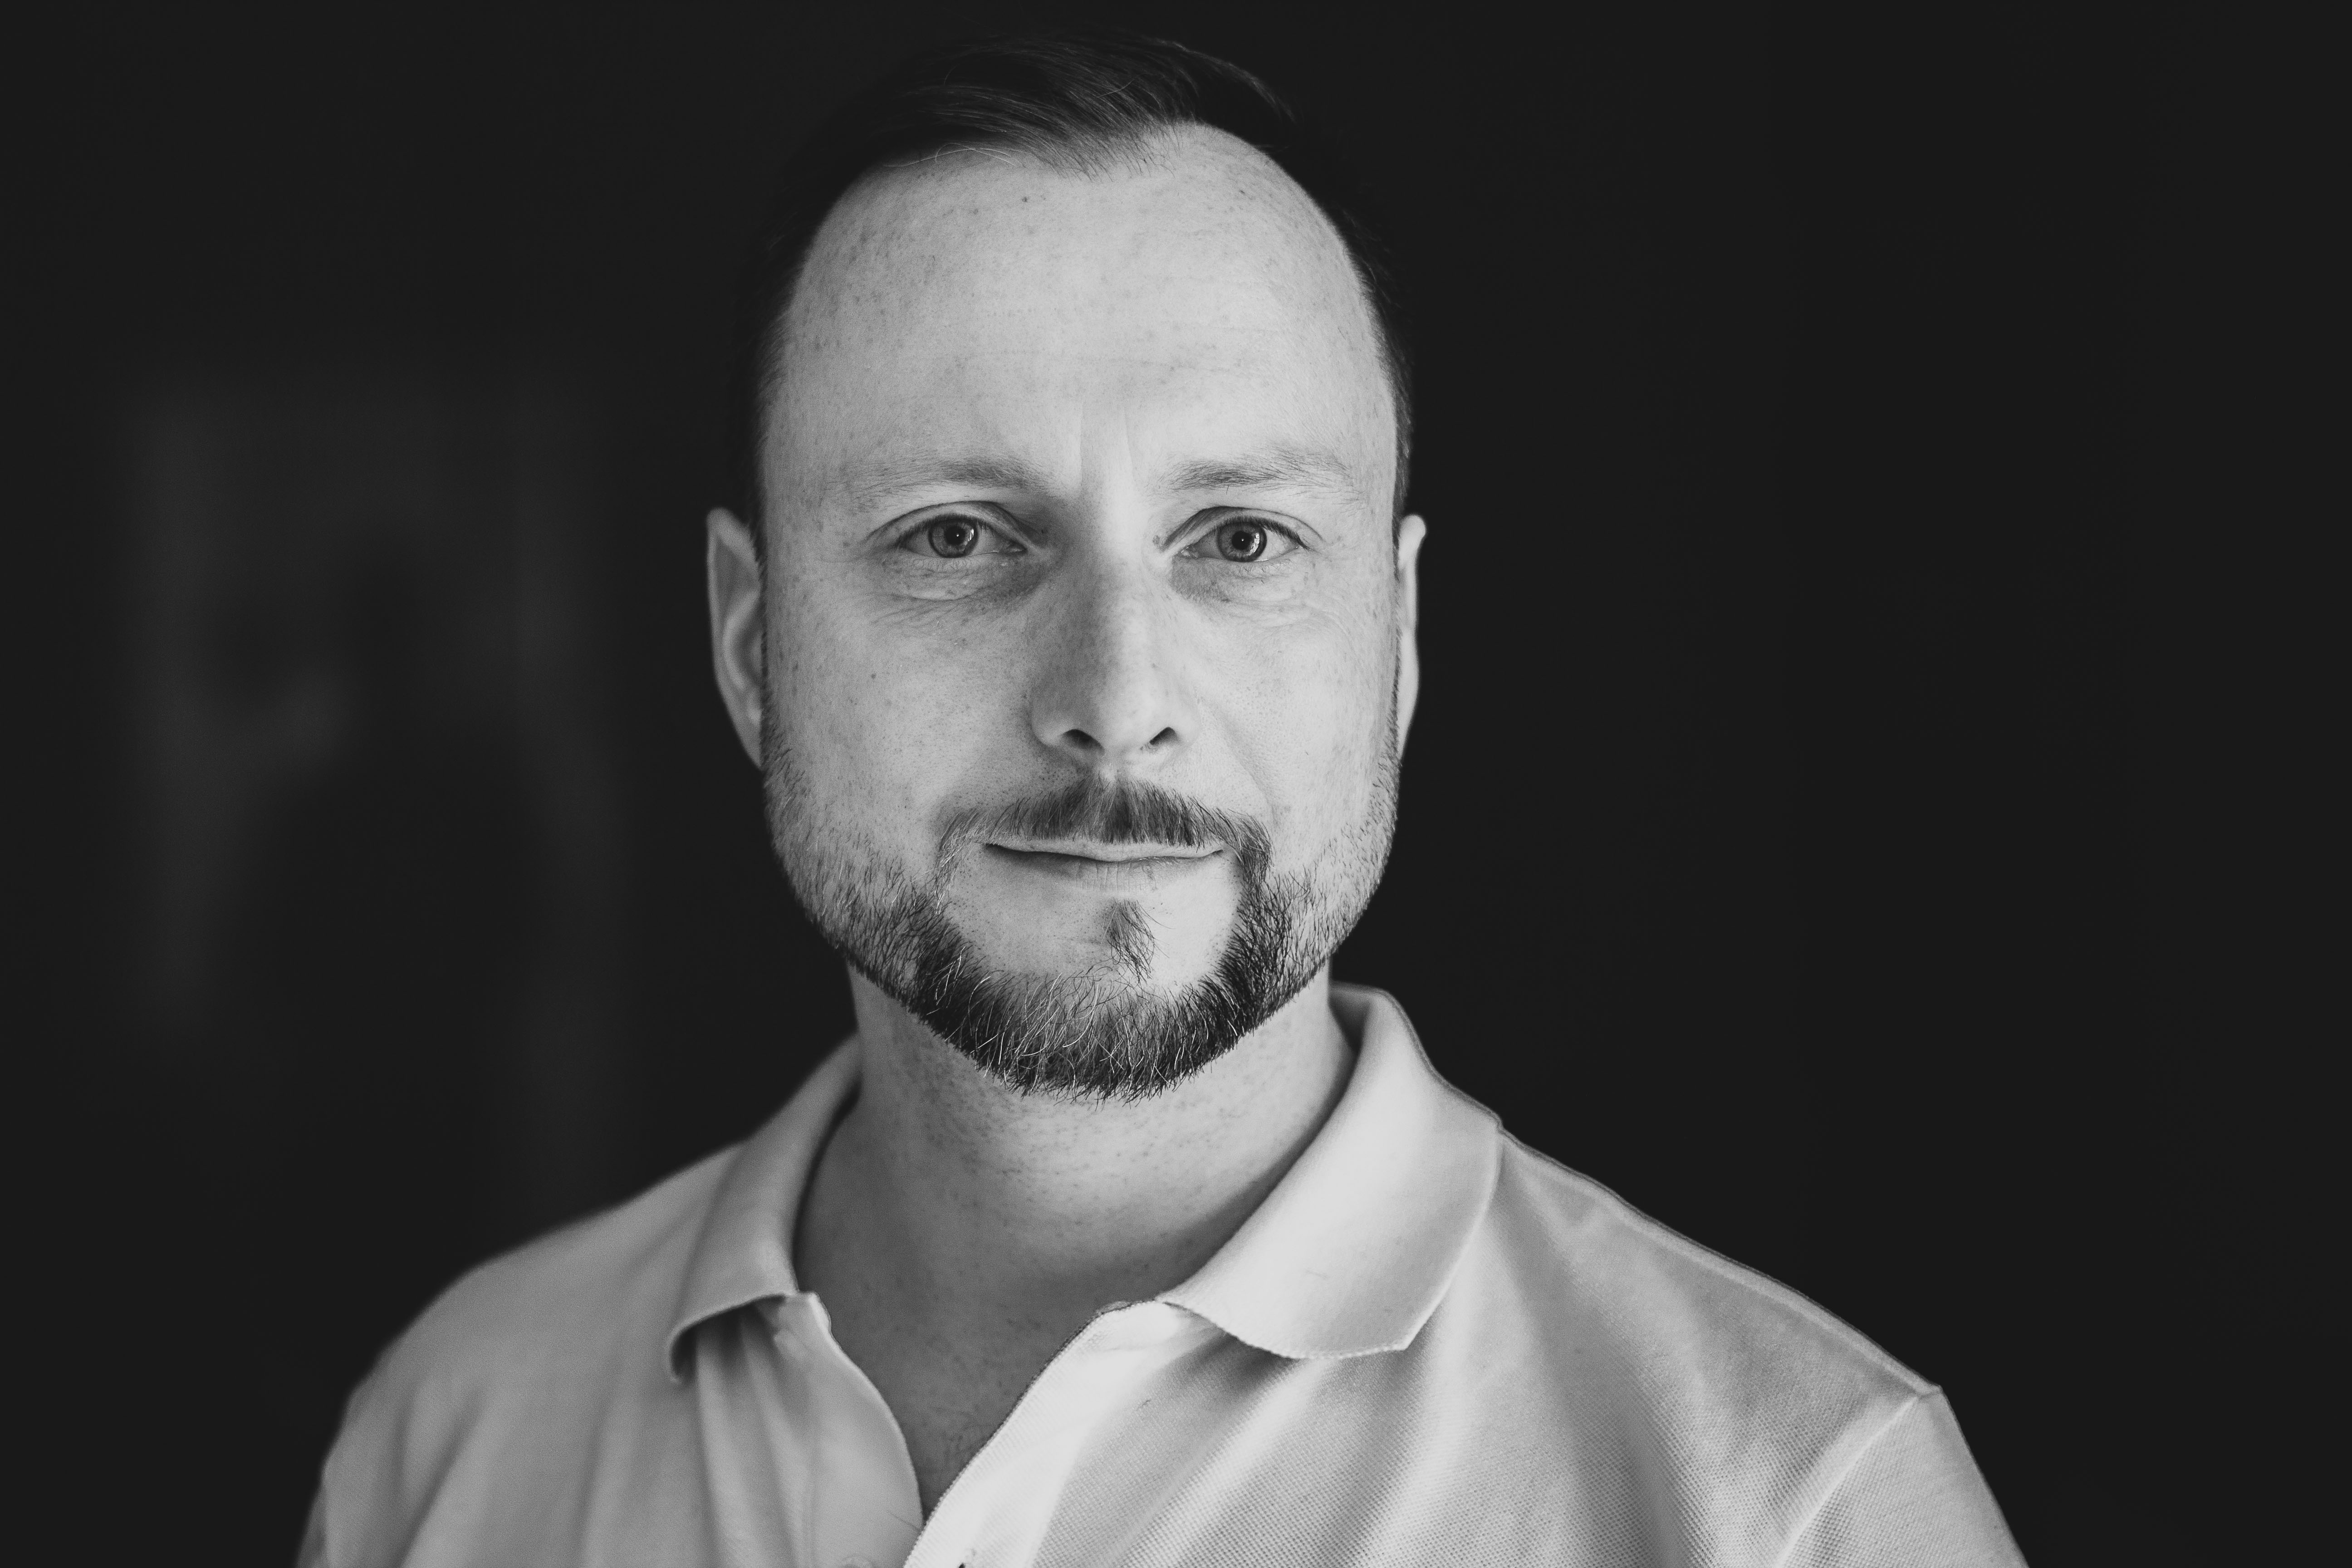 Portrait Dr. Joachim Schlosser 2018 – Variante hell/schwarzweiß